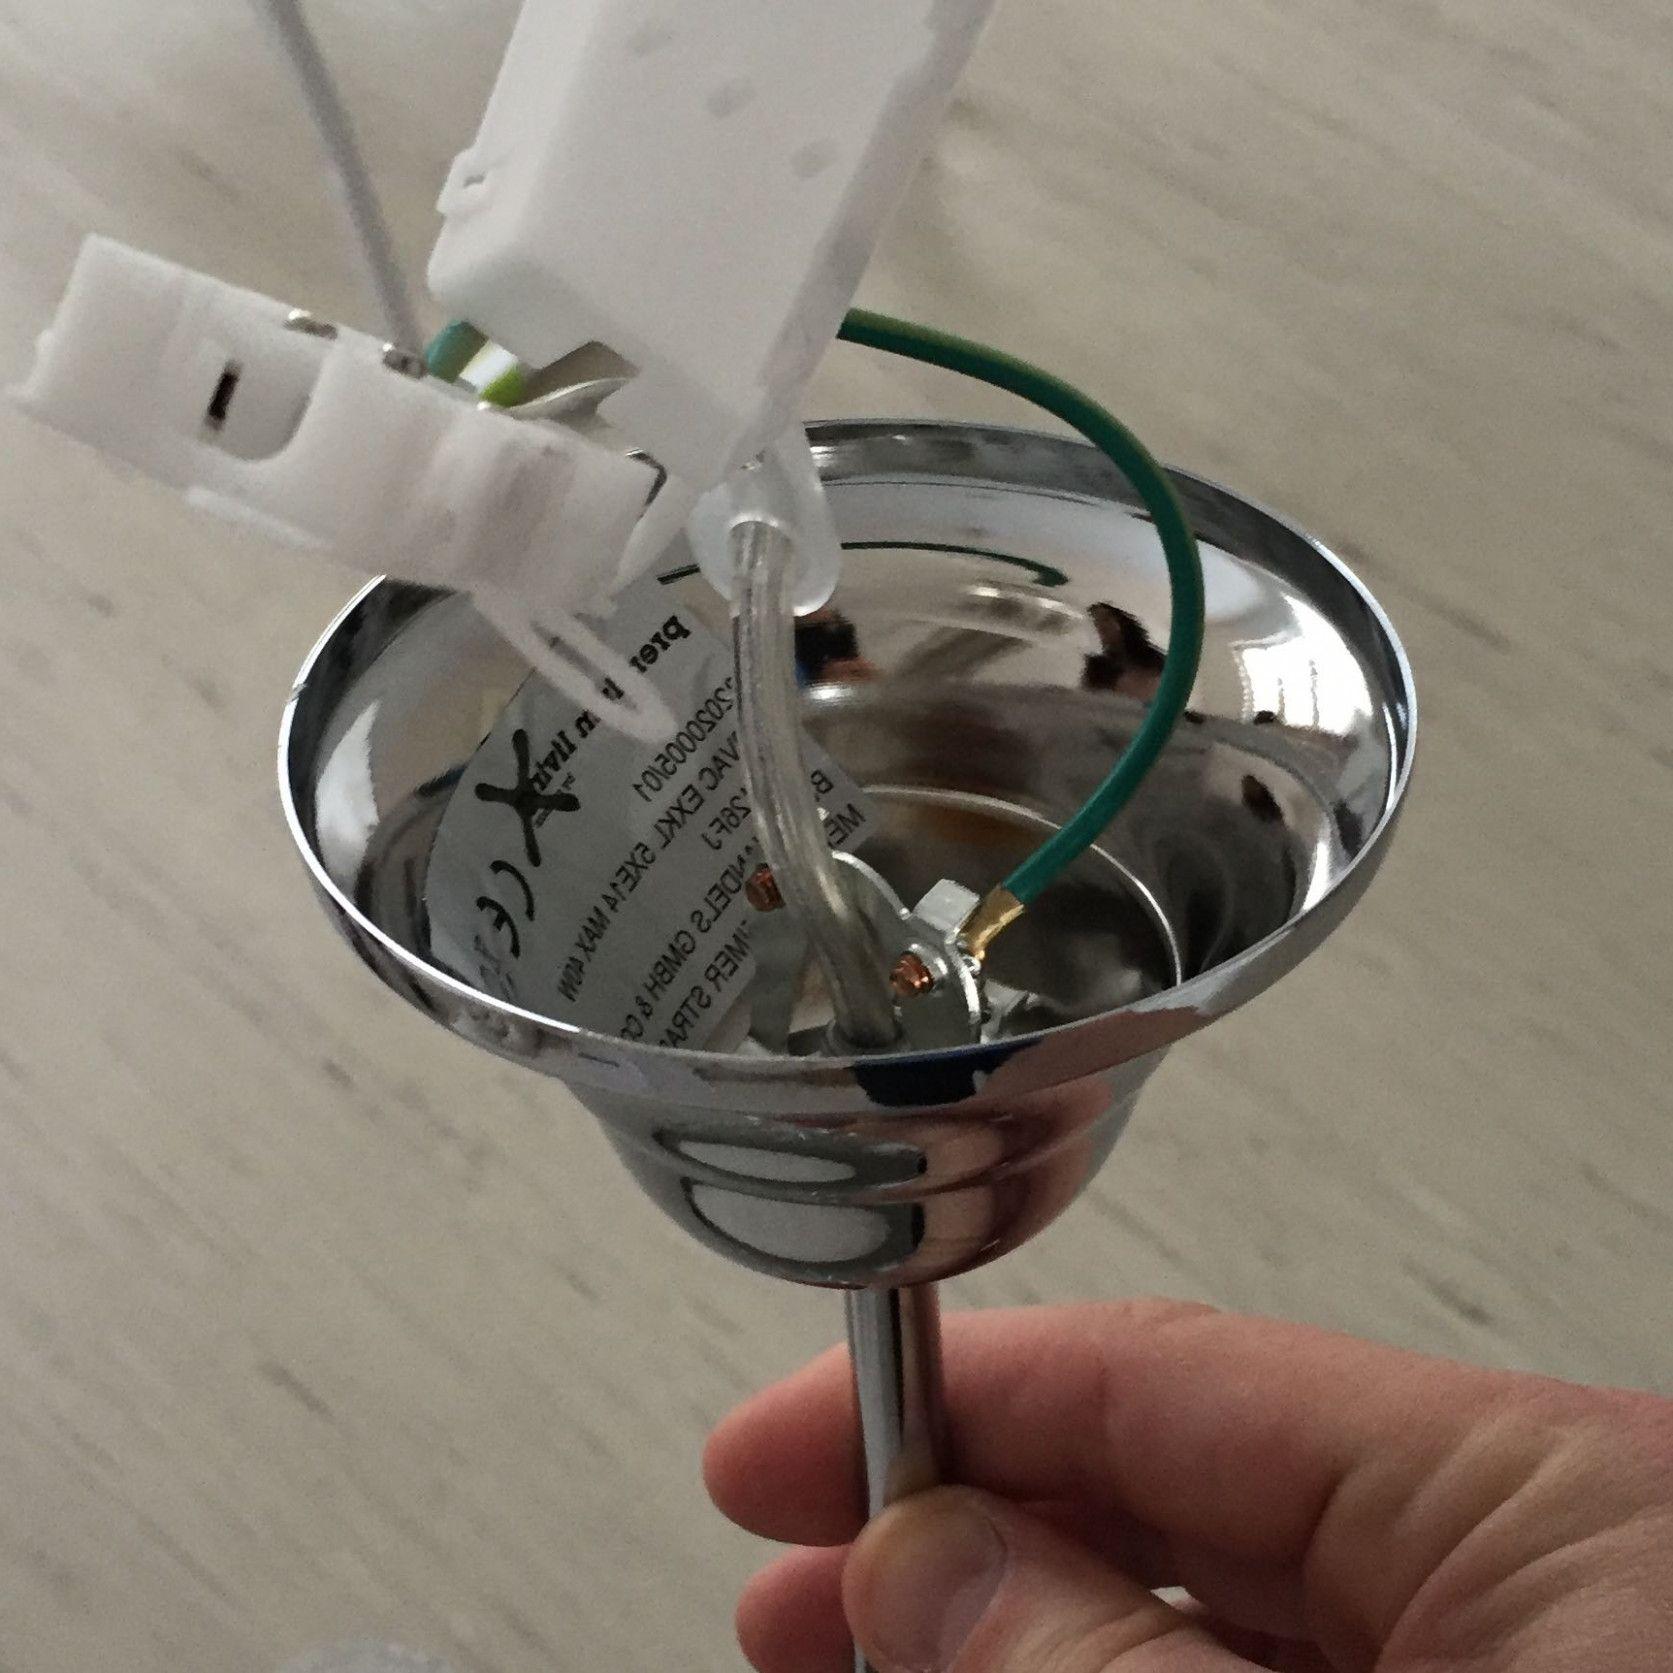 15 Spannende Teile Des Besuchs Deckenlampen Anbringen Badezimmer